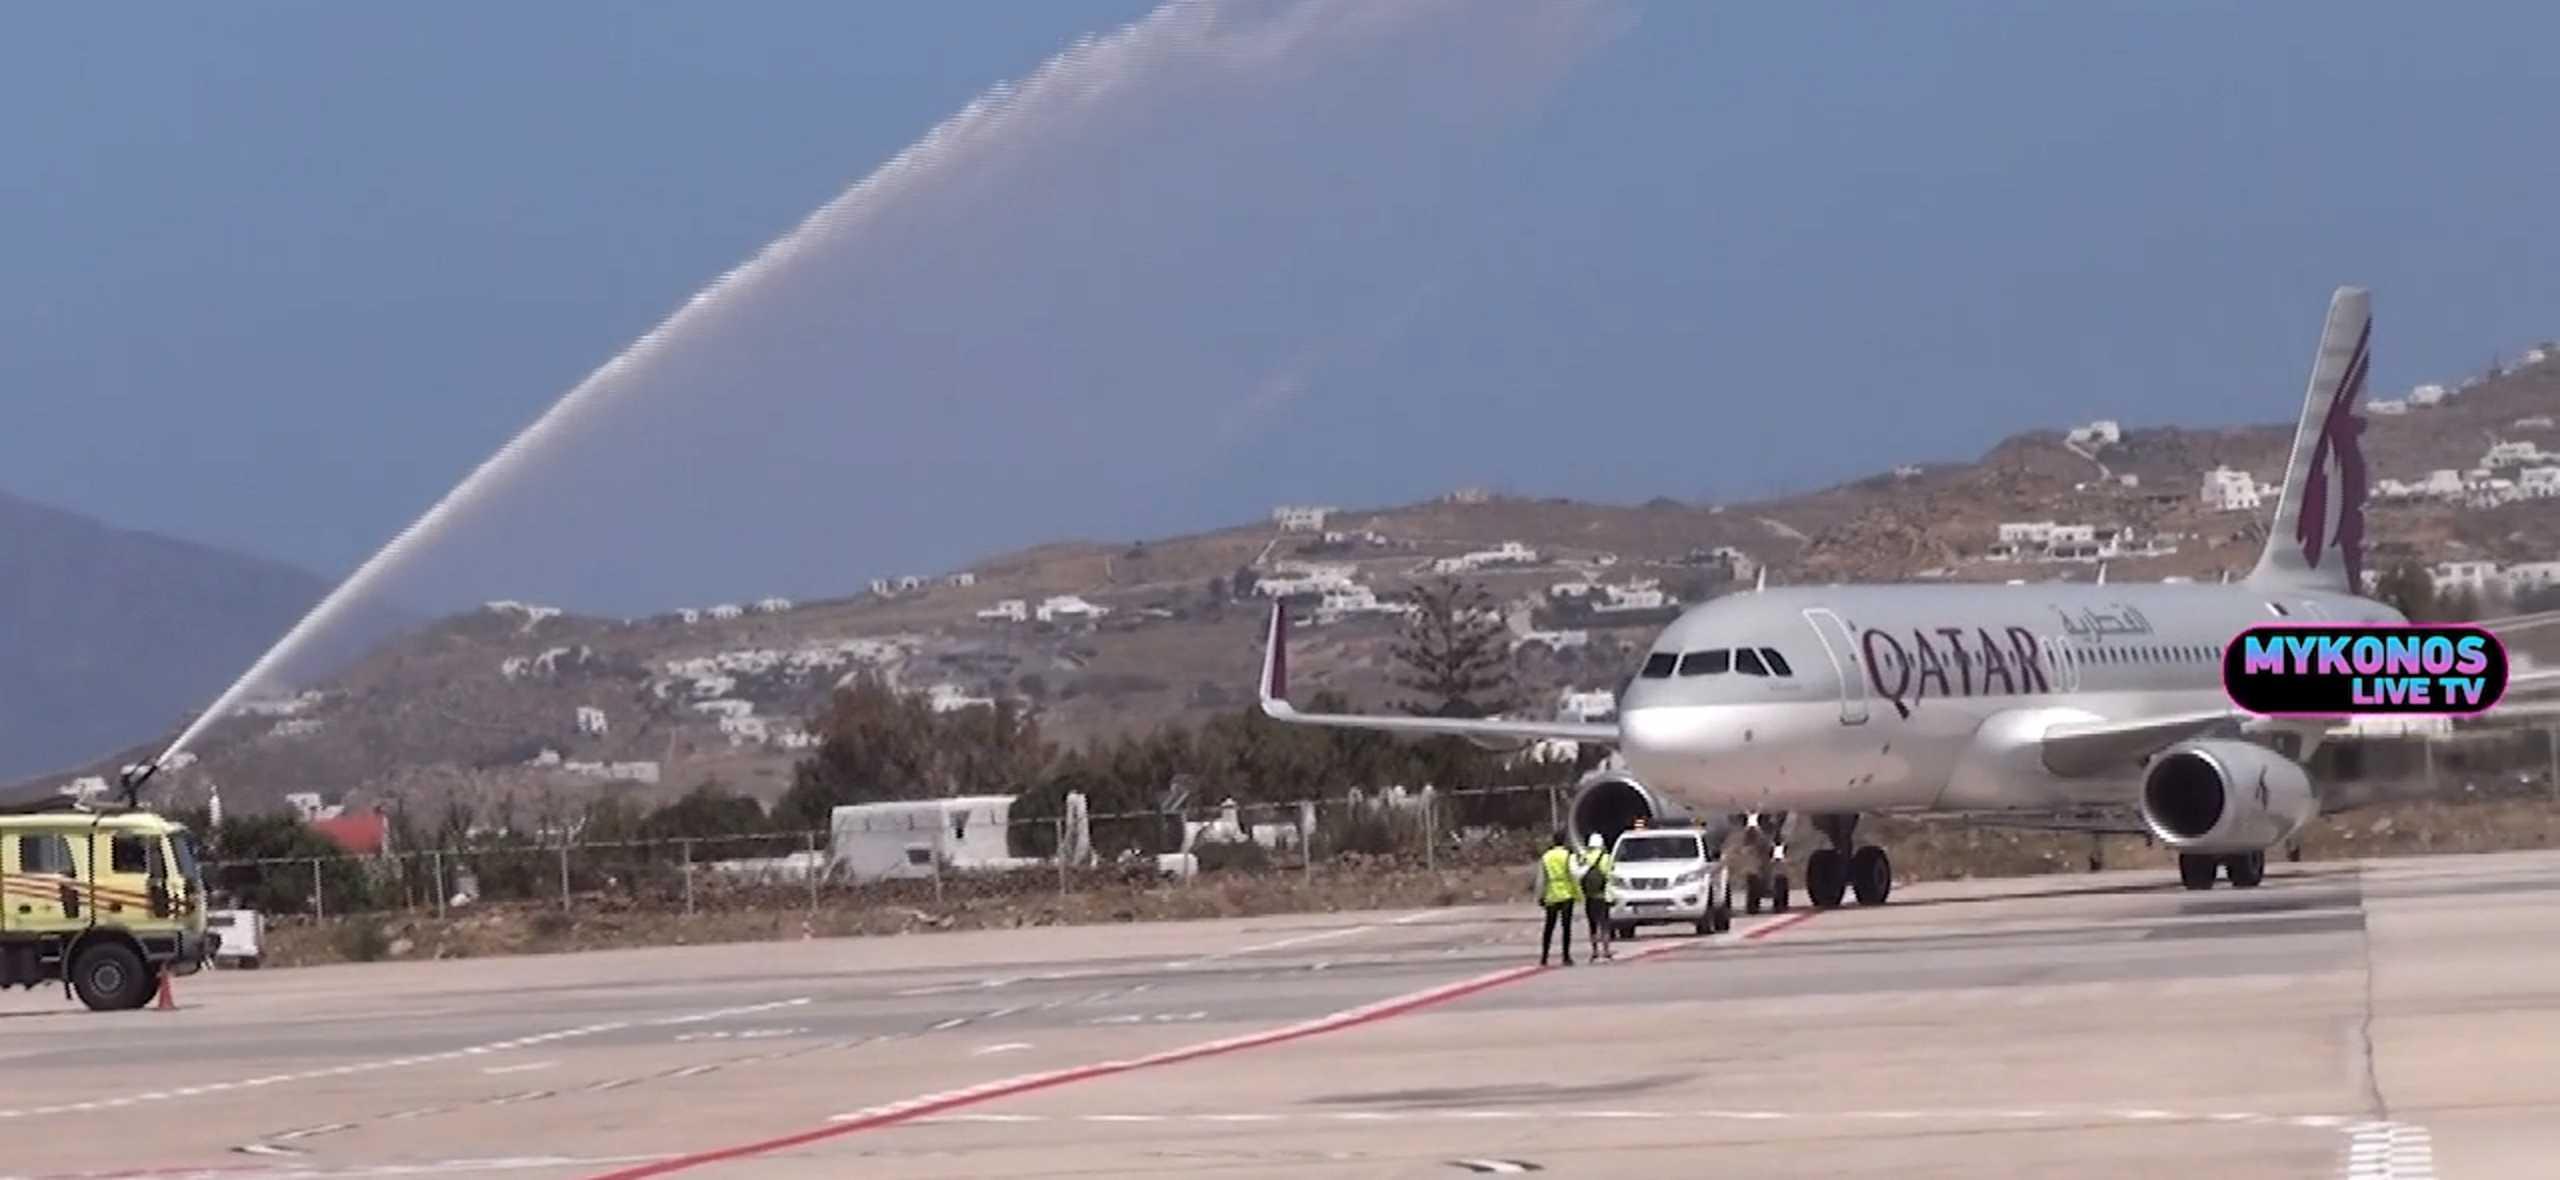 Μύκονος – Qatar Airways: Με δόξα και τιμή η άφιξη της πρώτης πτήσης στο νησί (video)